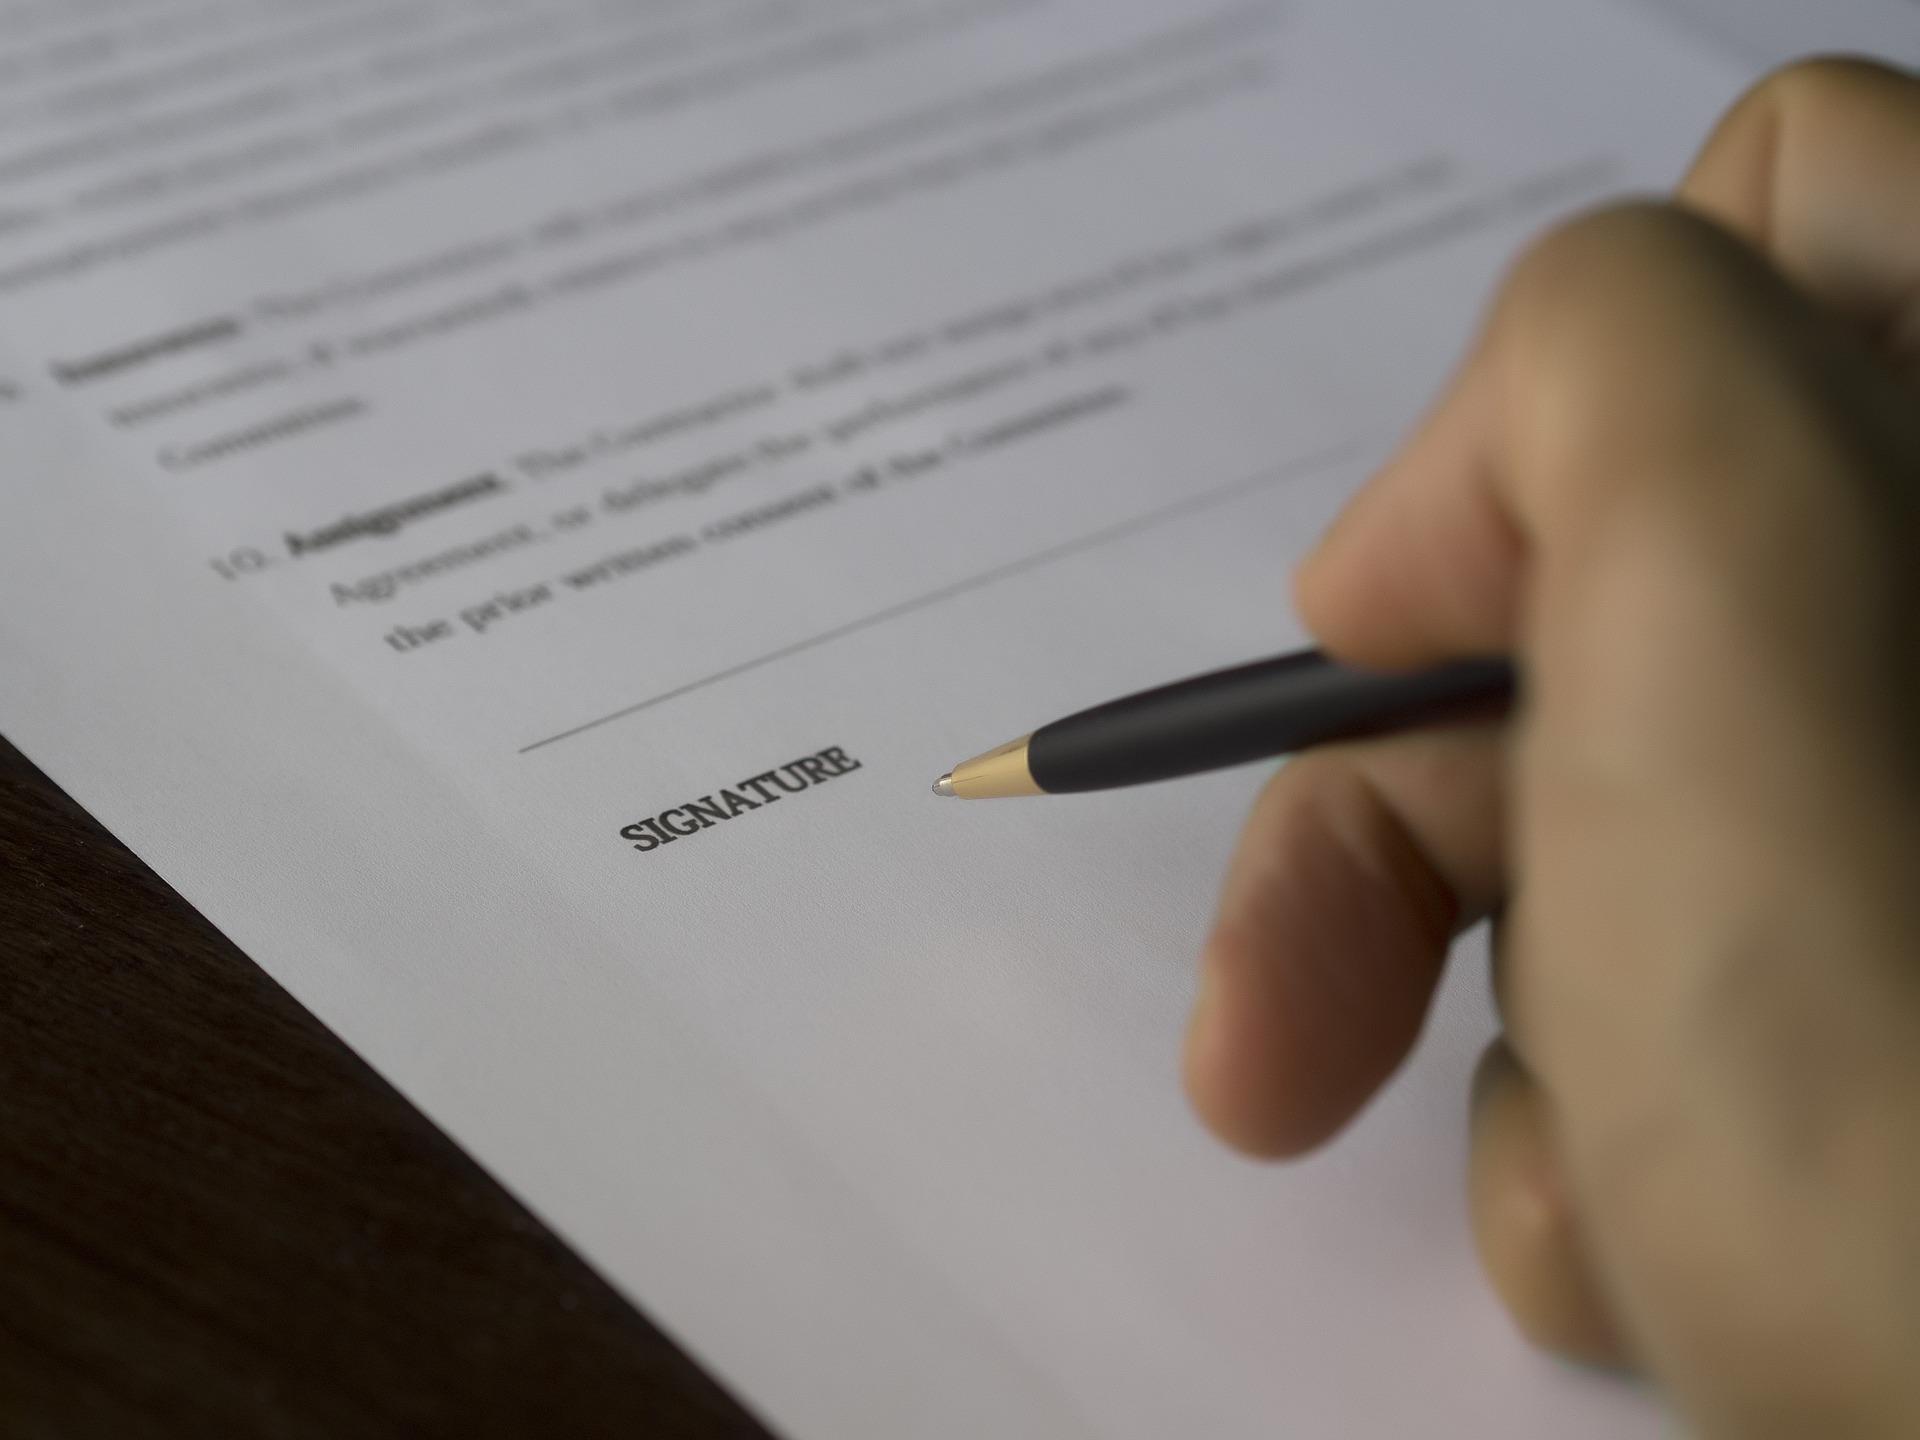 Foto da mão de uma pessoa segurando uma caneta para assinar documento. Imagem ilustrativa para texto segurado e beneficiário.